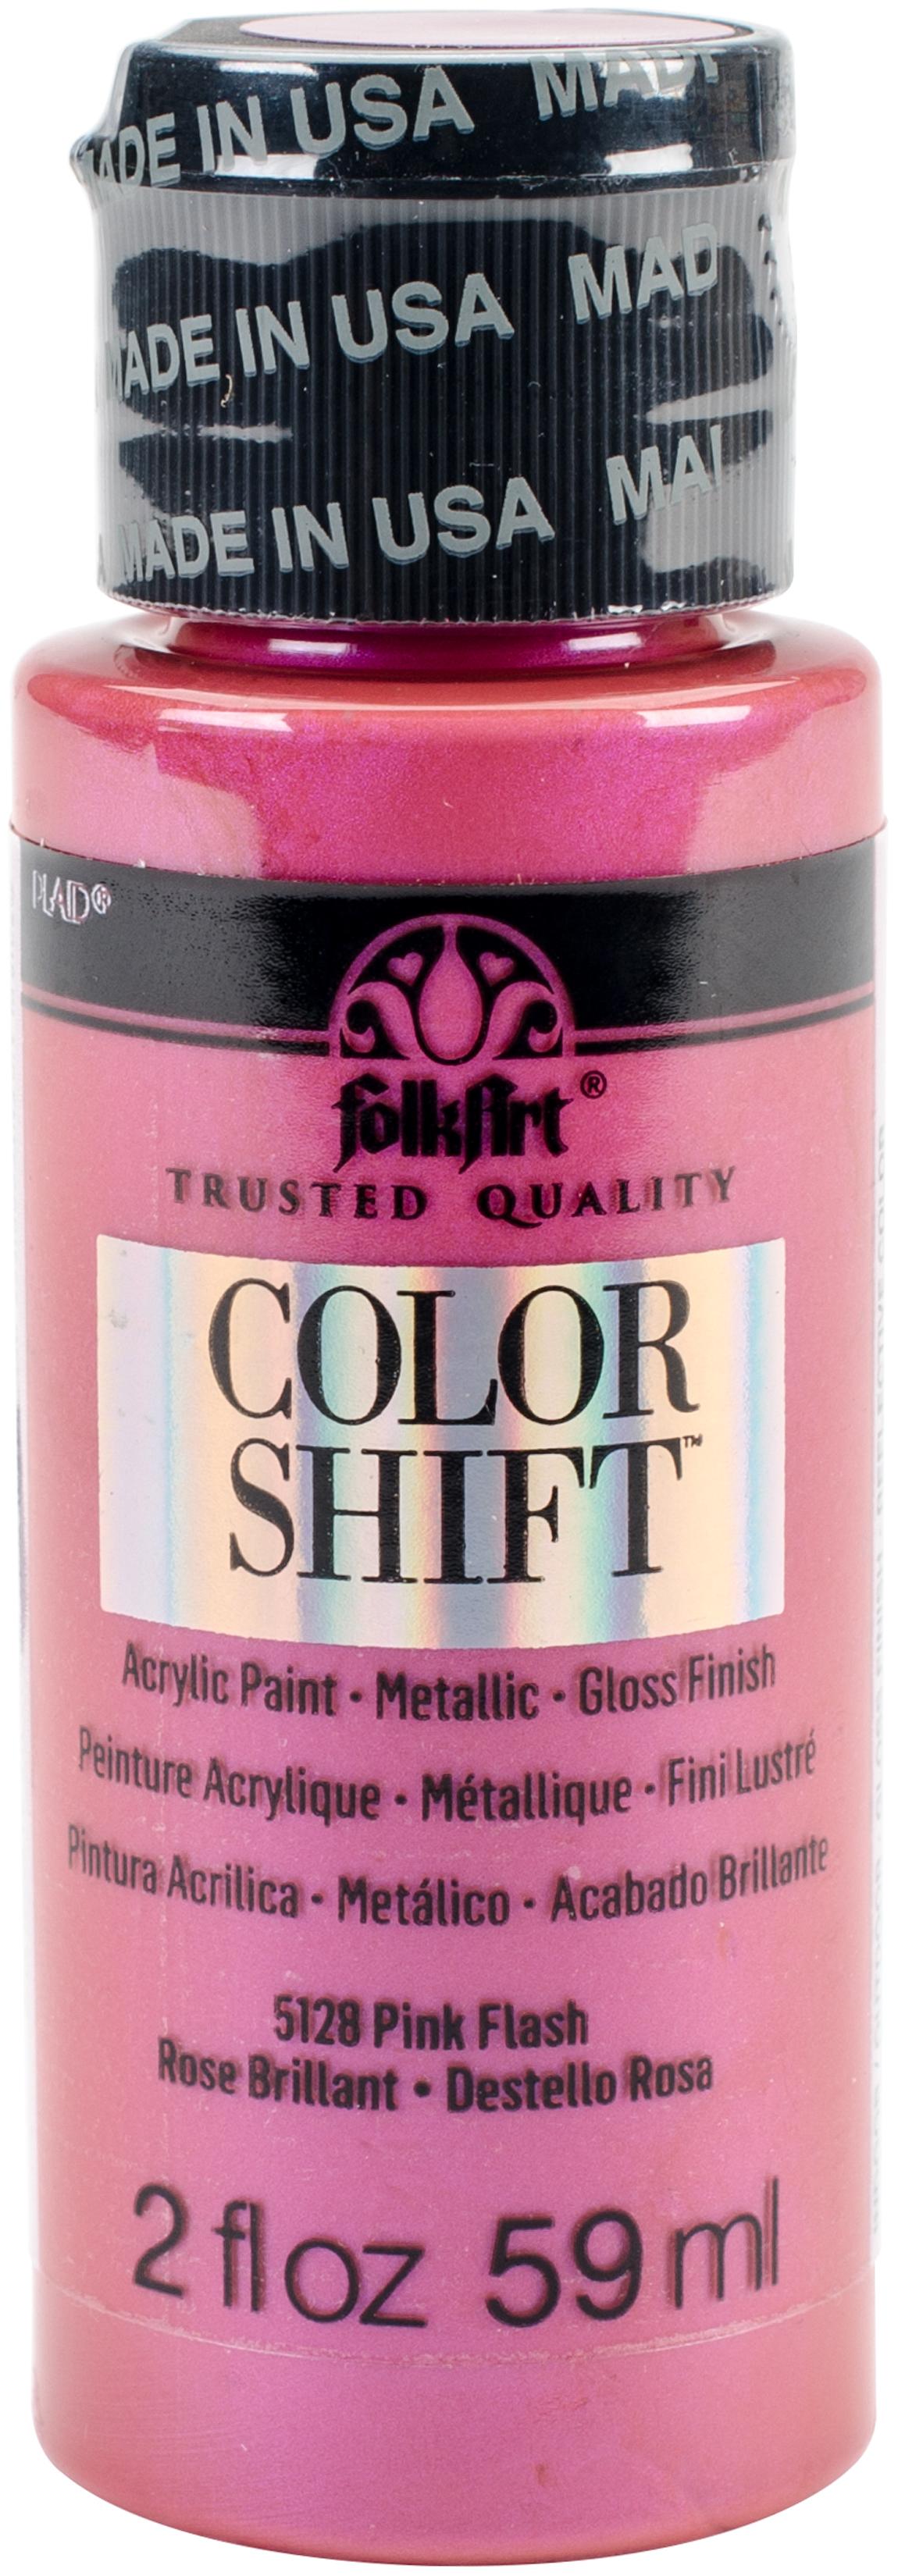 FolkArt Color Shift 2oz